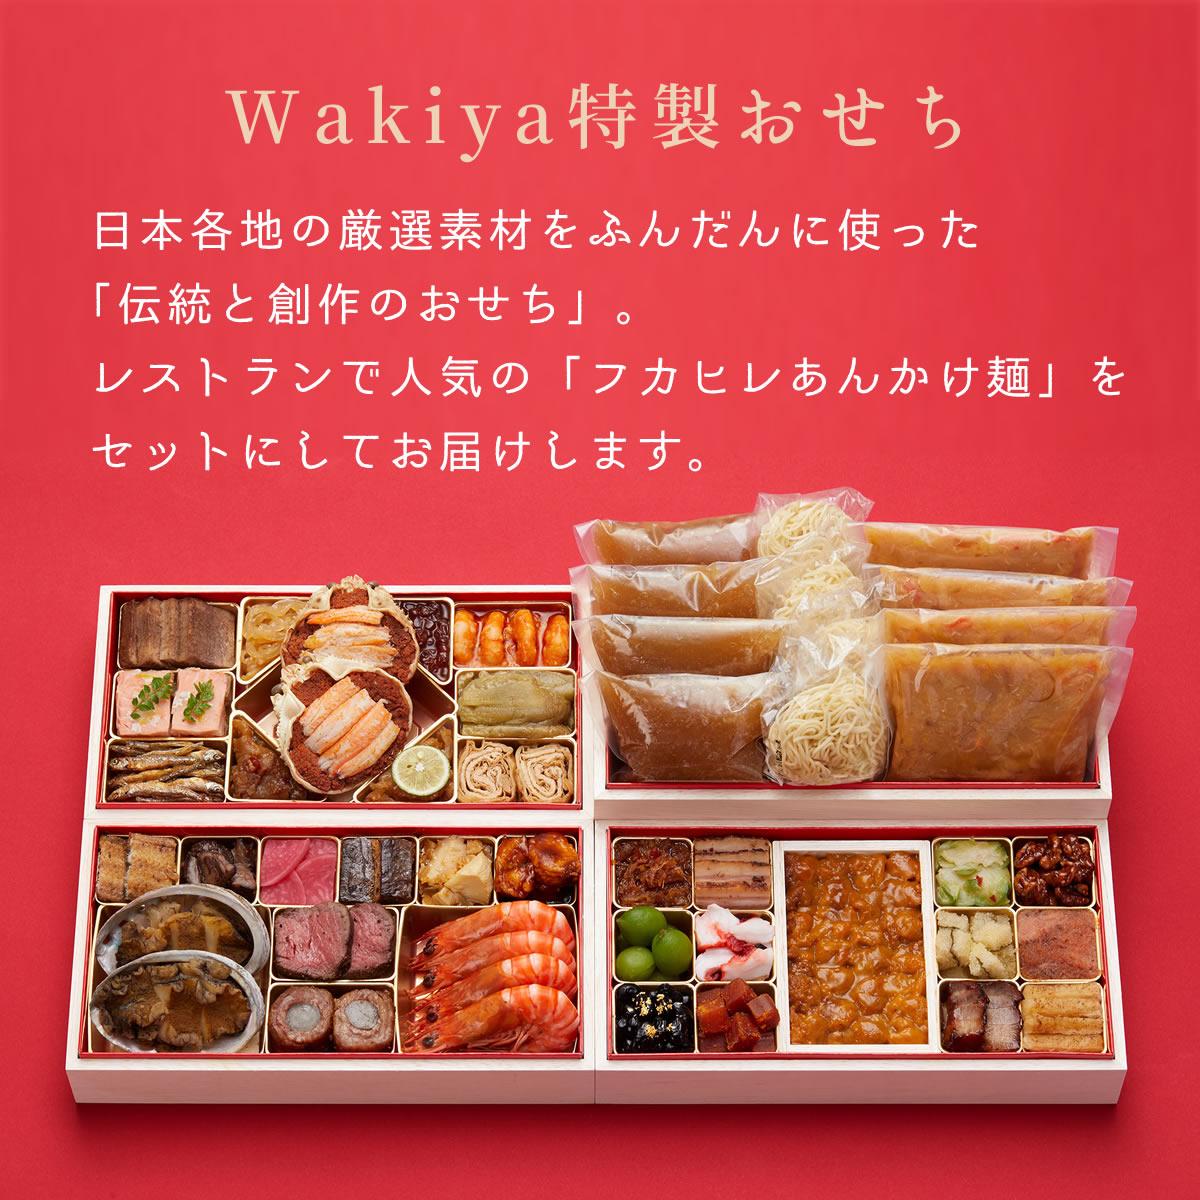 Wakiya特製おせち~日本各地の厳選素材をふんだんに使った「伝統と創作のおせち」。レストランで人気の「フカヒレあんかけ麺」をセットにしてお届けします。